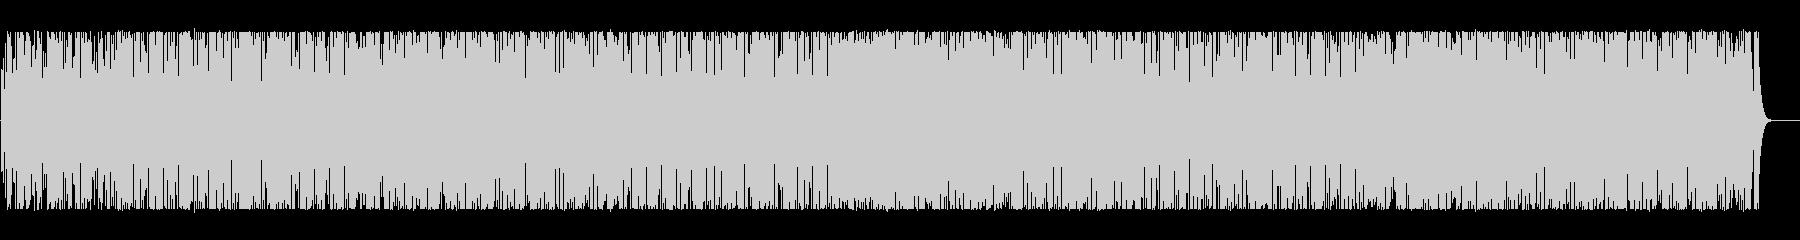 リズミカルでコミカルなBGMの未再生の波形